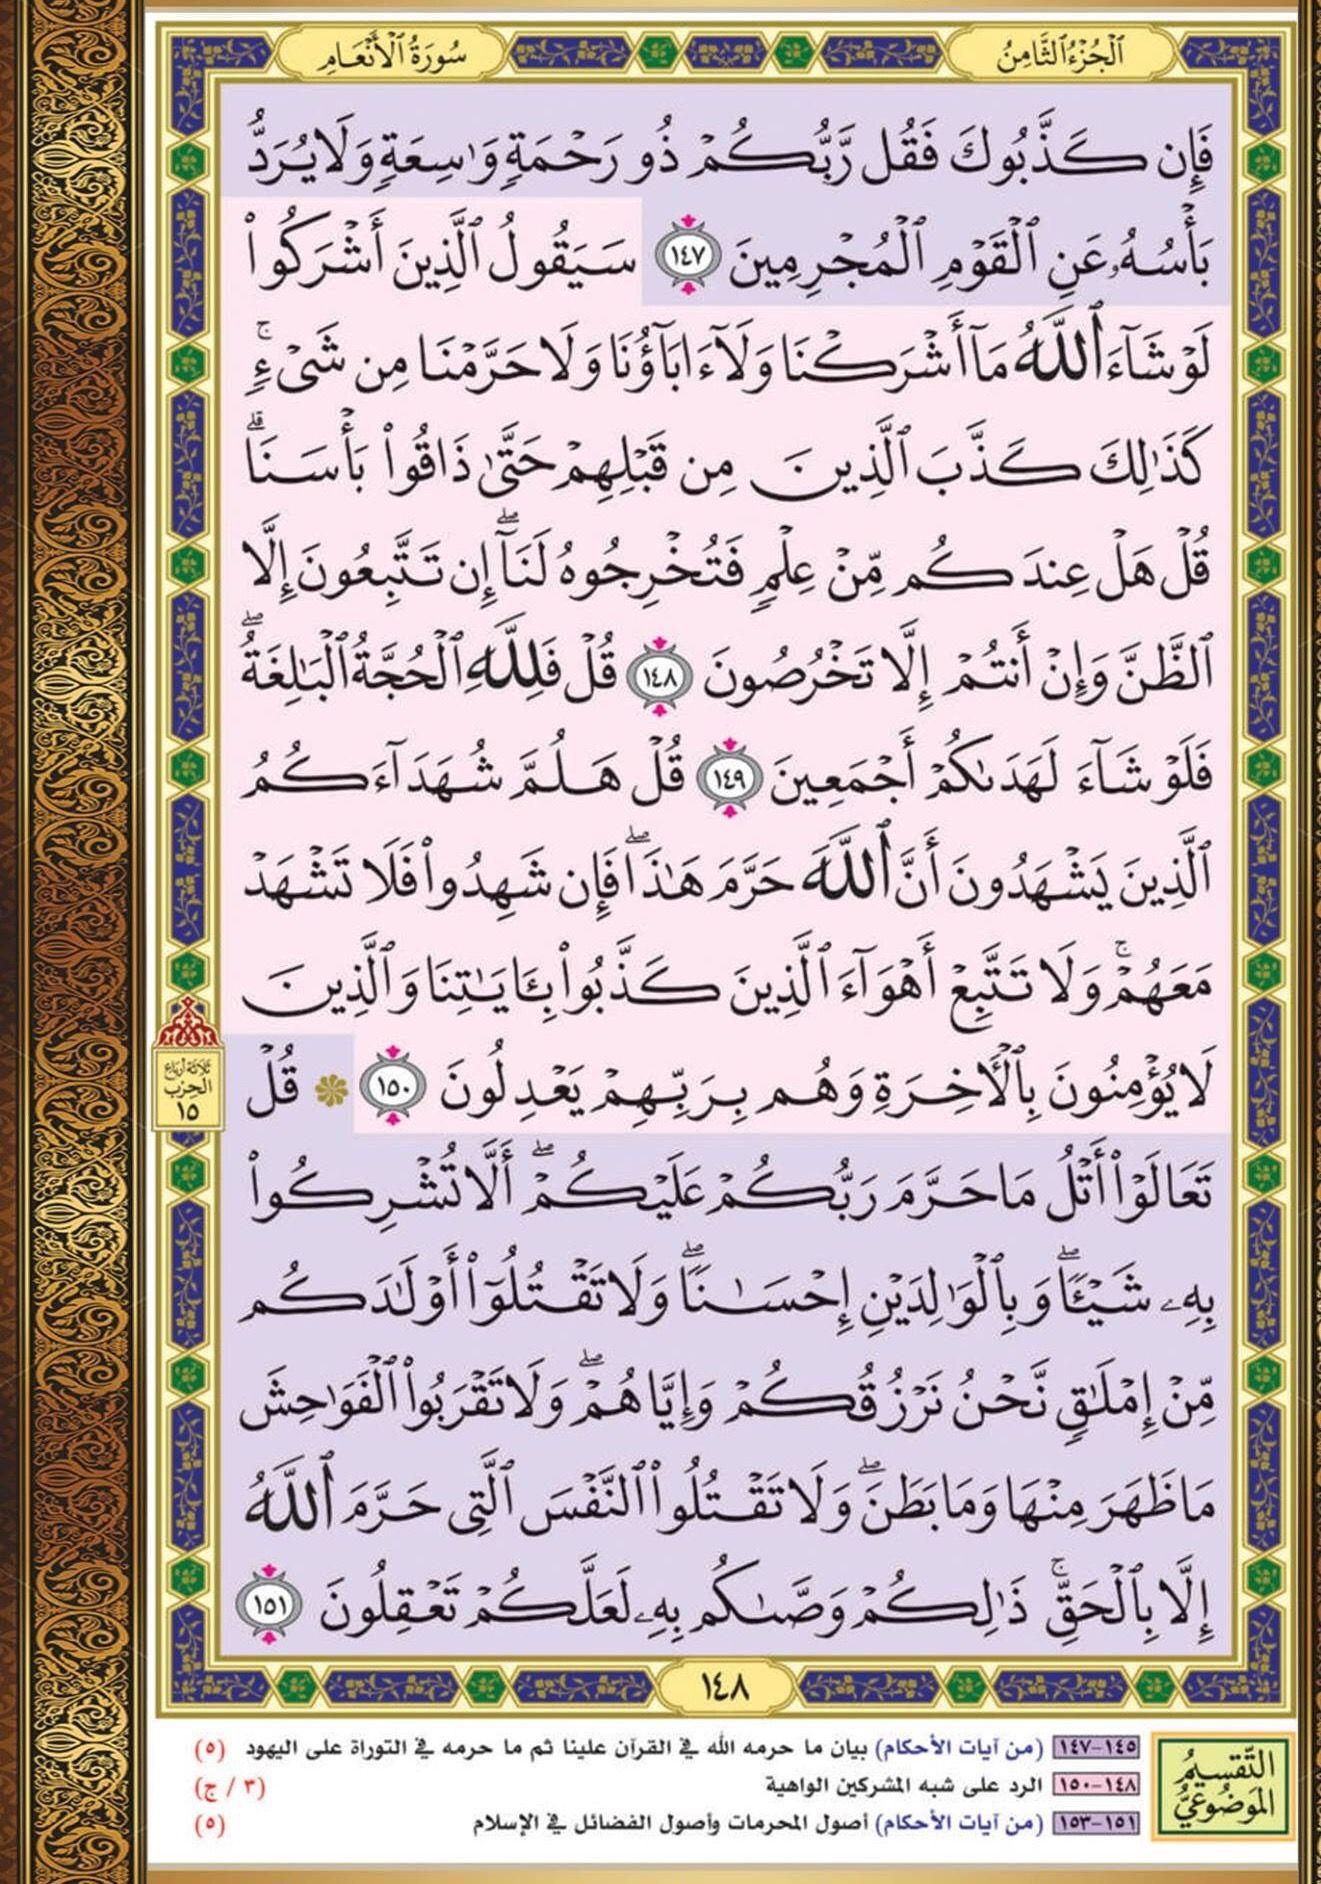 ١٤٧ ١٥١ الأنعام مصحف التقسيم الموضوعي Quran Book Holy Quran Book Quran Verses